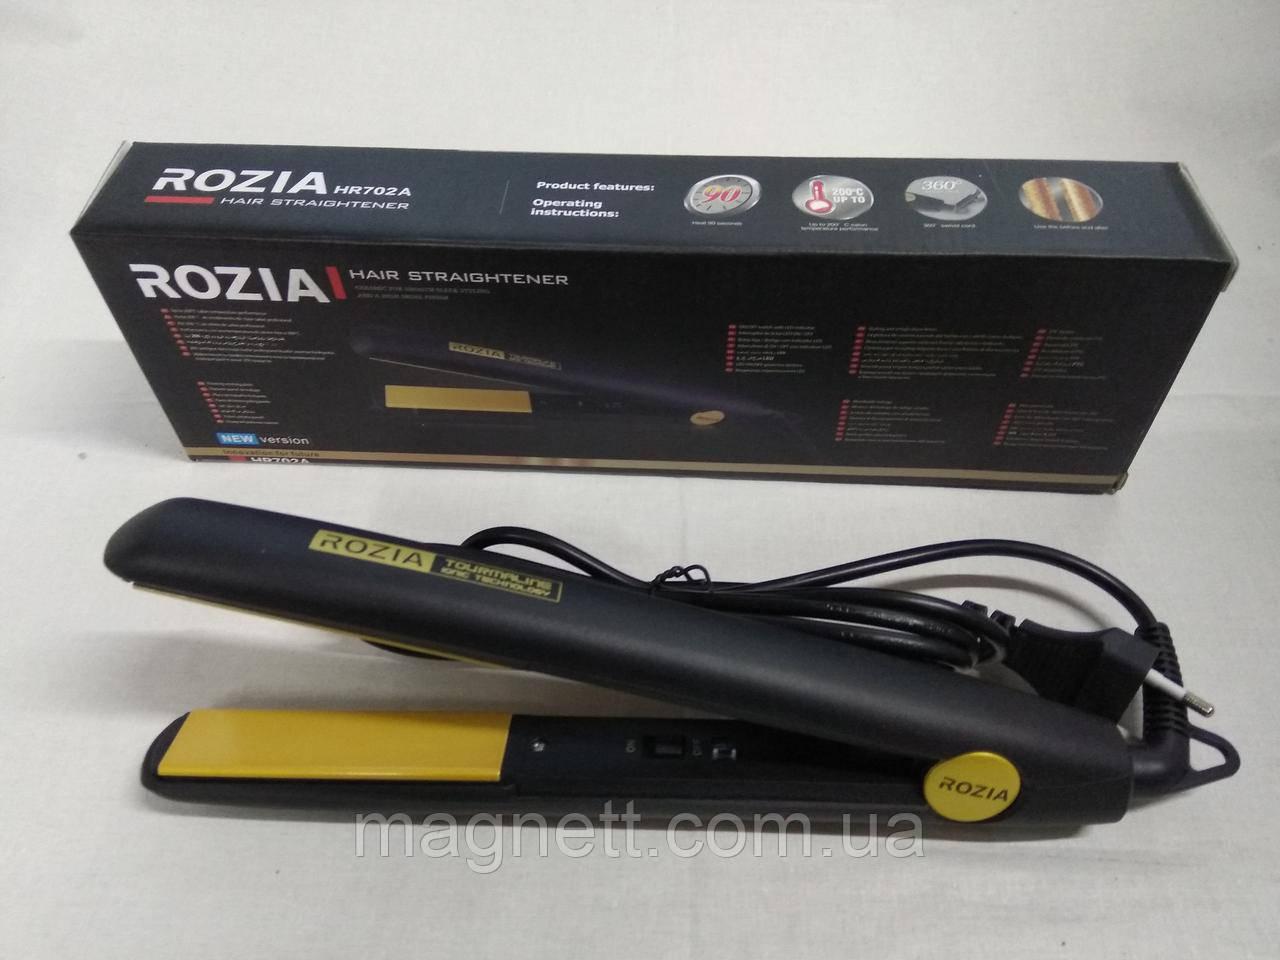 Утюжок-выпрямитель ROZIA HR702A